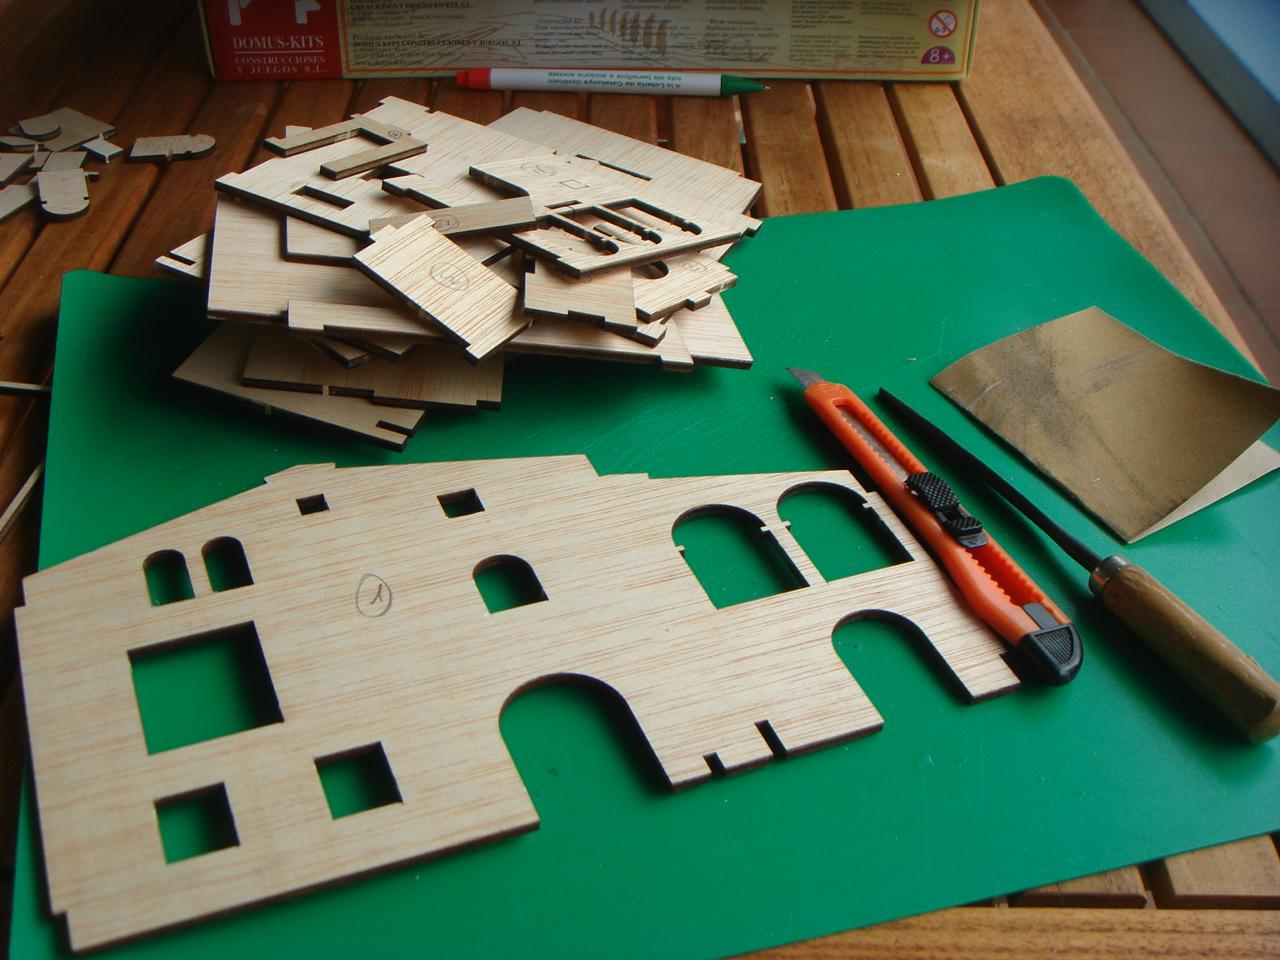 Simplementeaficiones maqueta construcci n paso a paso for Construccion de casas paso a paso